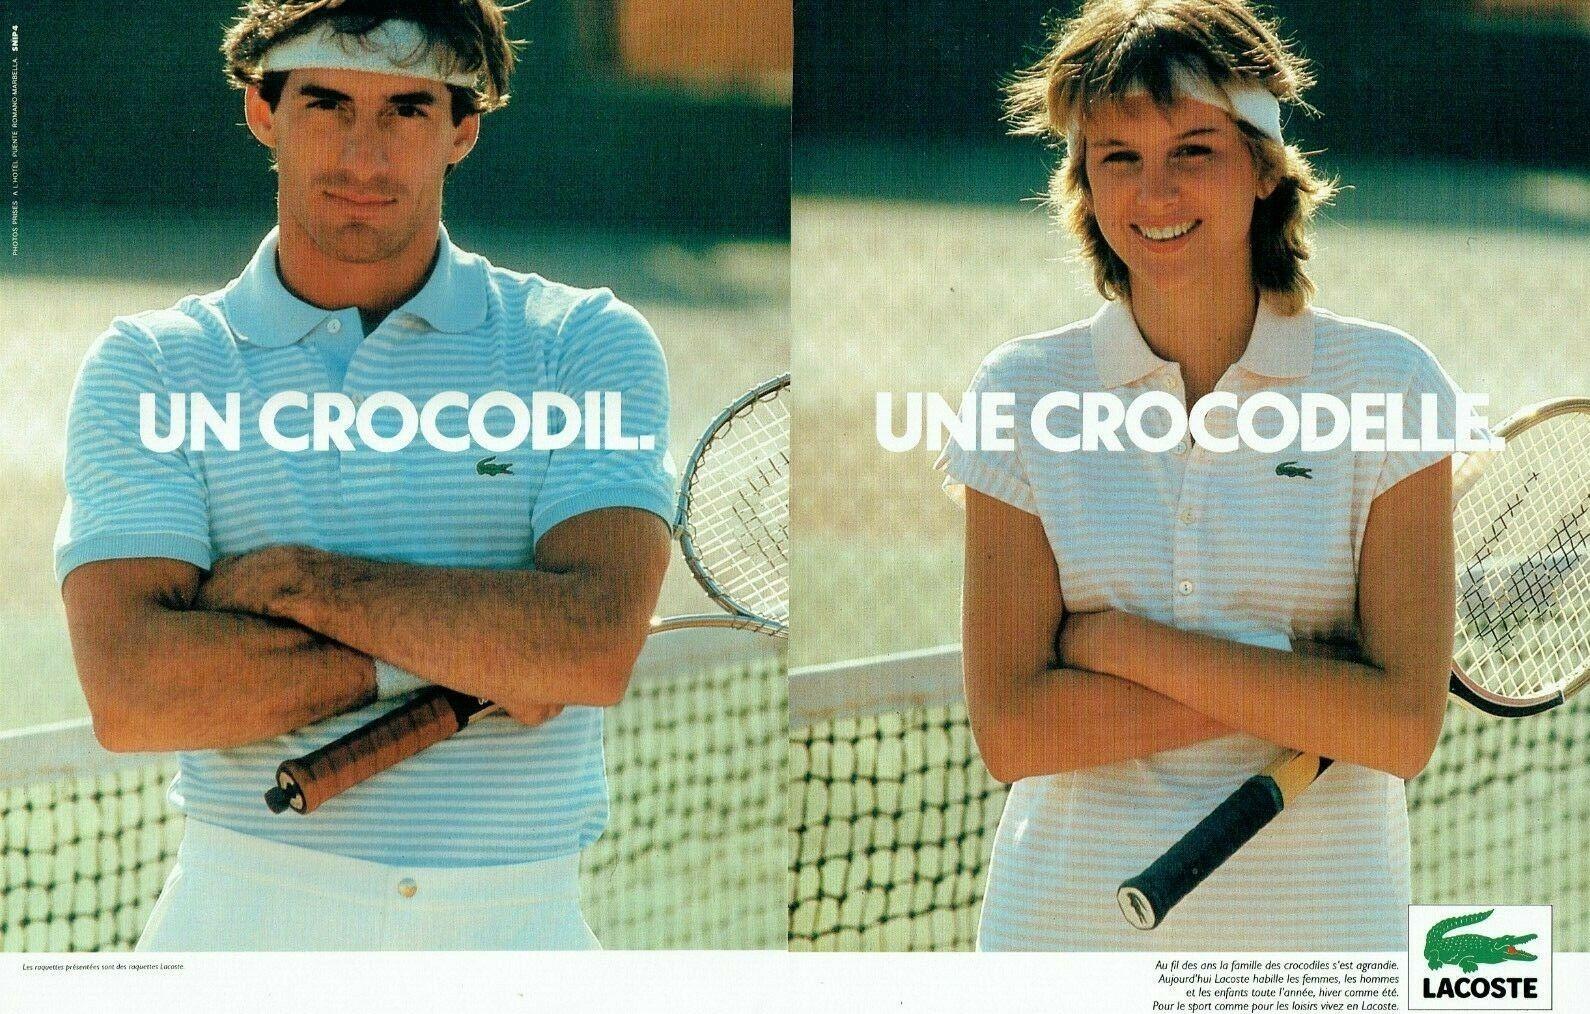 1981 les polos tennis Lacoste